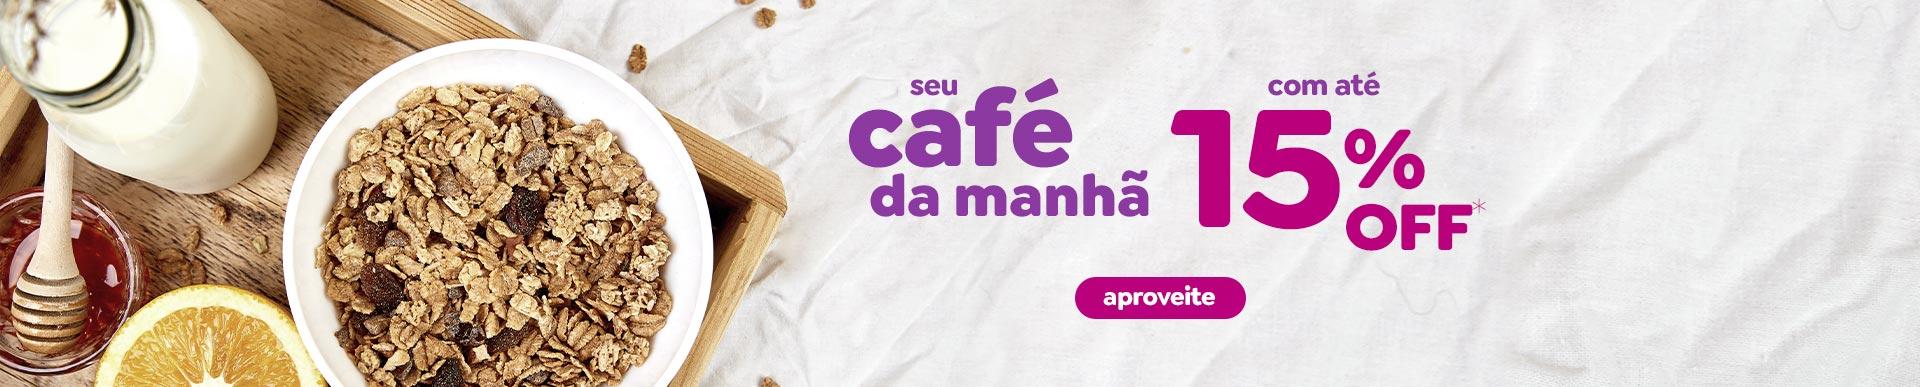 Cafe-da-manha-df